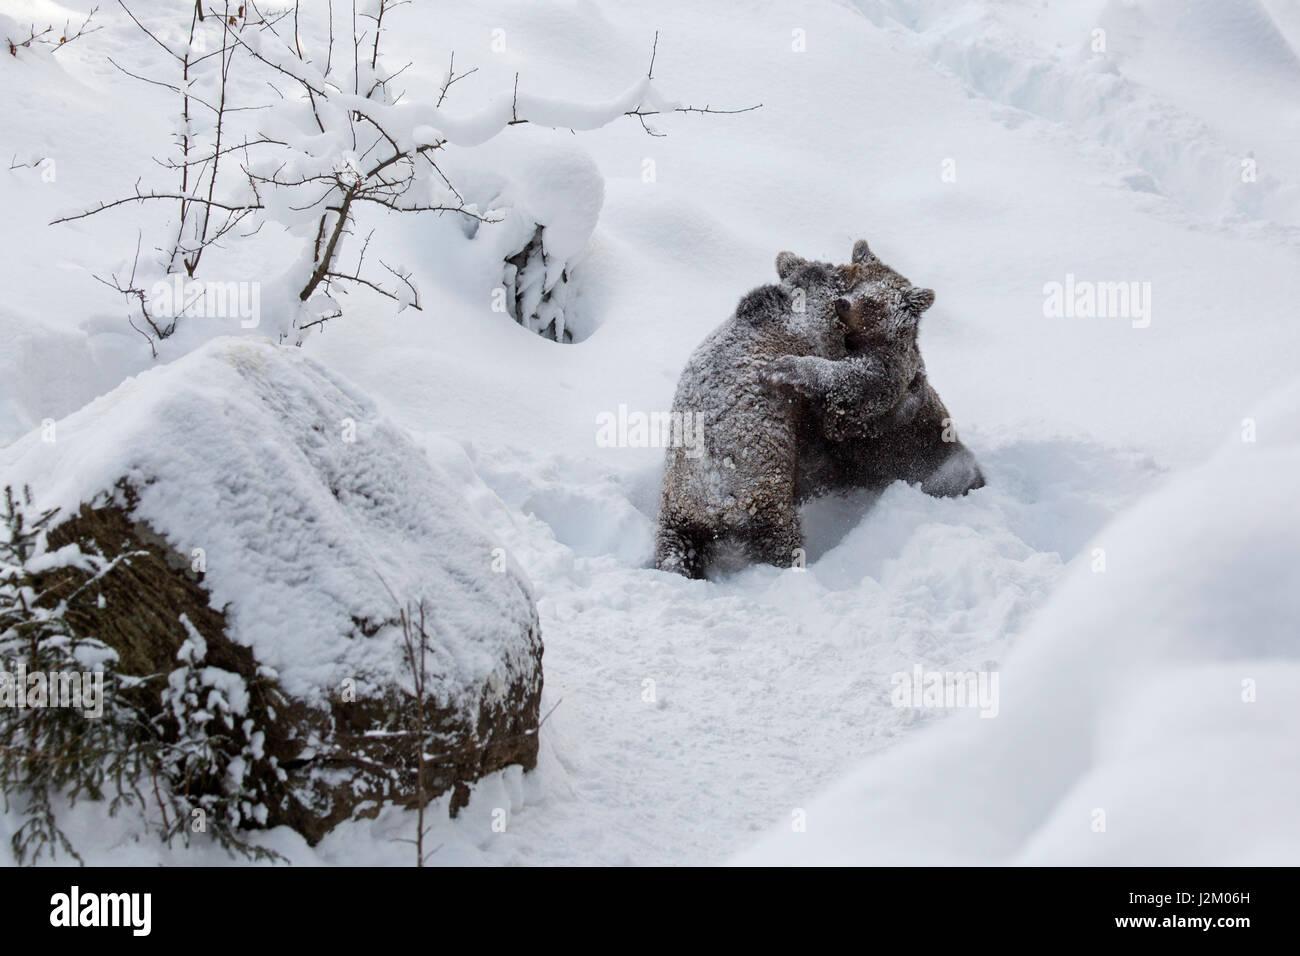 Due 1-anno-vecchio orso bruno lupetti (Ursus arctos arctos) svolgono combattimenti nella neve in inverno Immagini Stock